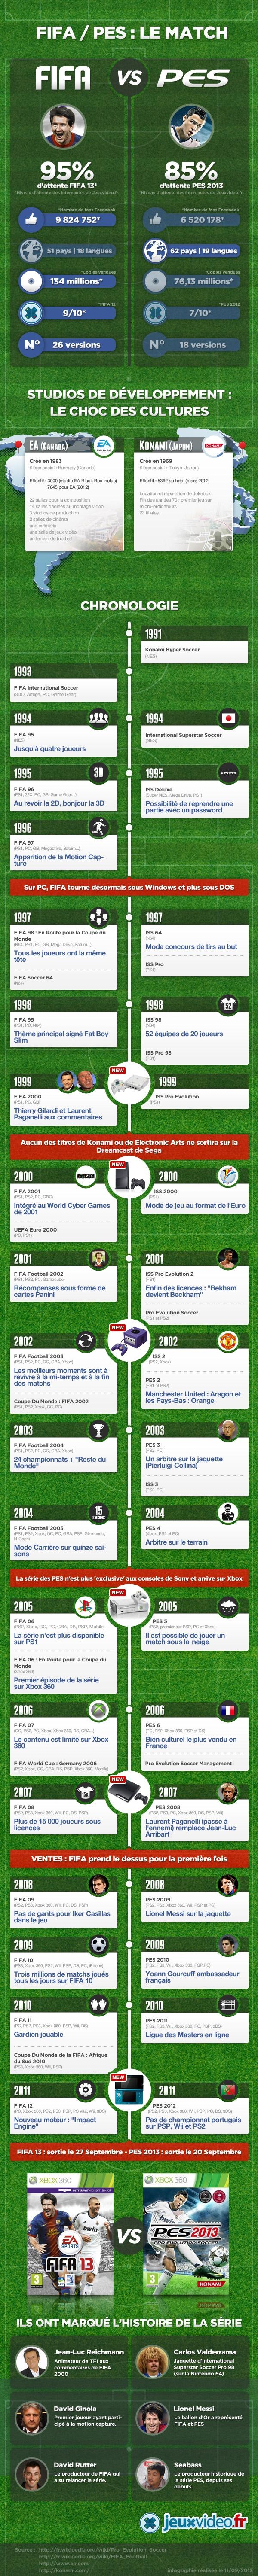 #FIFA13 : #PES2013 détrône-t-il le jeu d'Electronic Arts ? #infographie